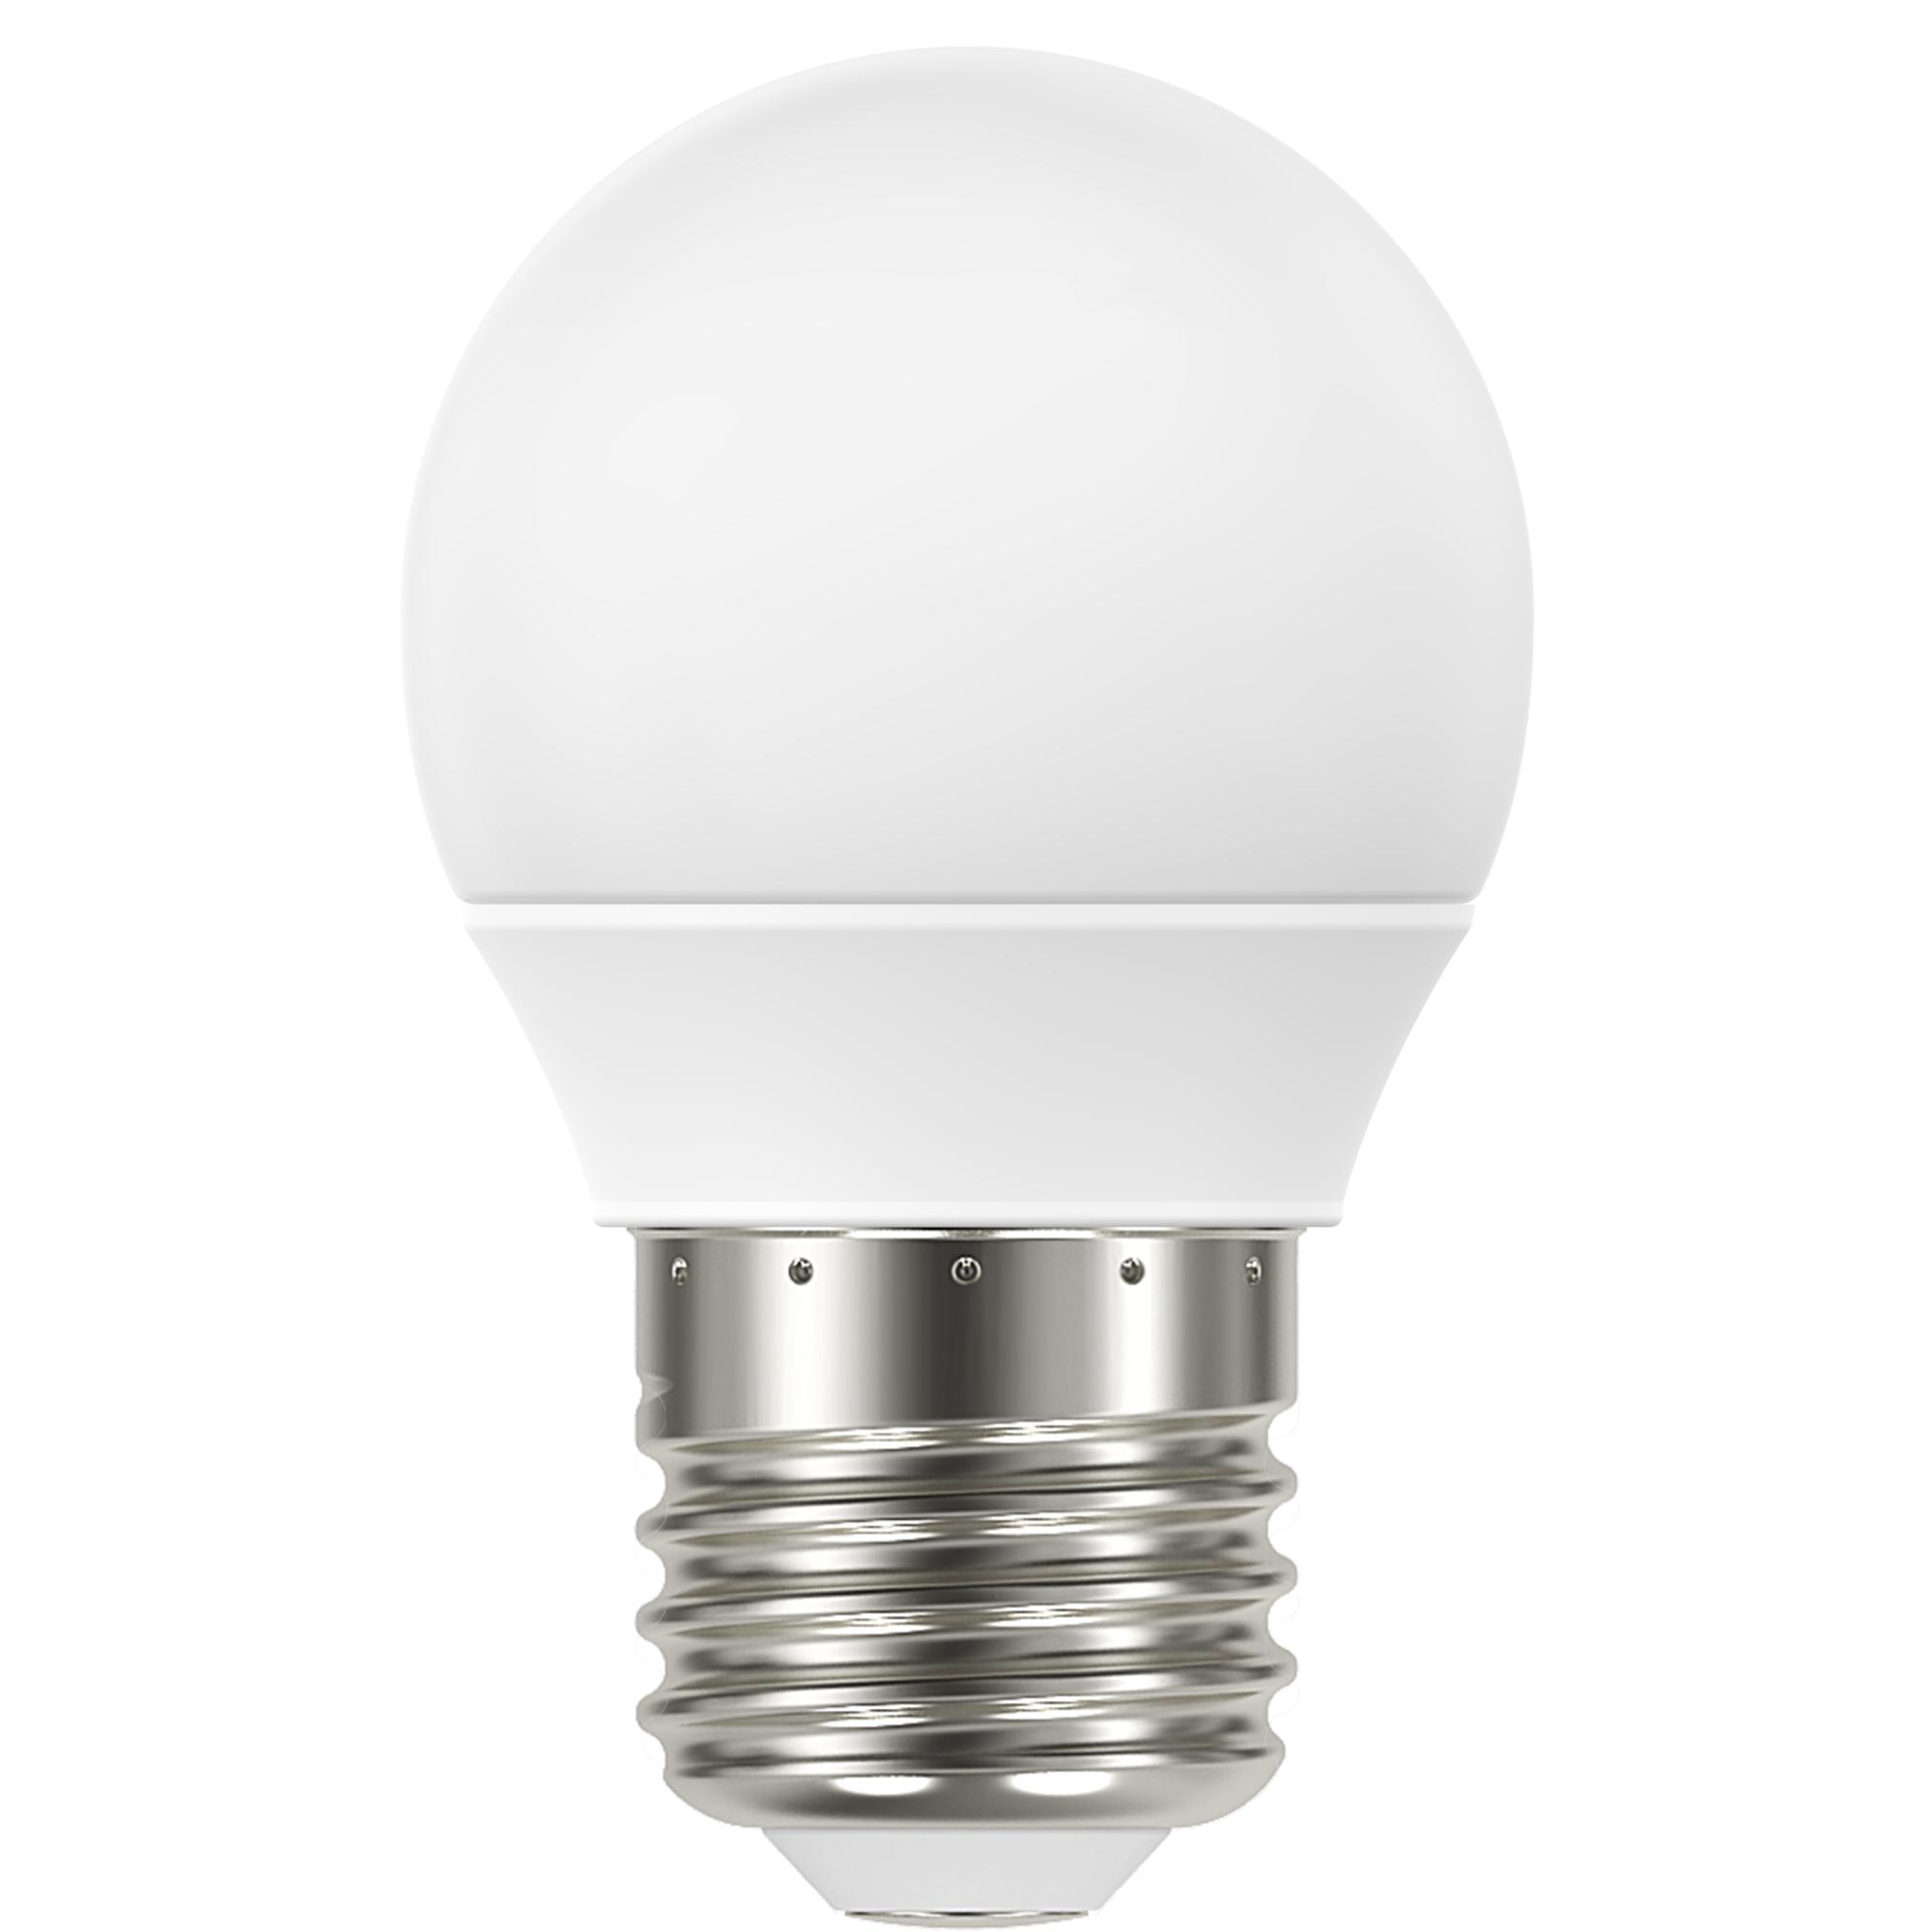 Лампа светодиодная Lexman E27 220 В 4.8 Вт сфера матовая 470 лм тёплый белый свет